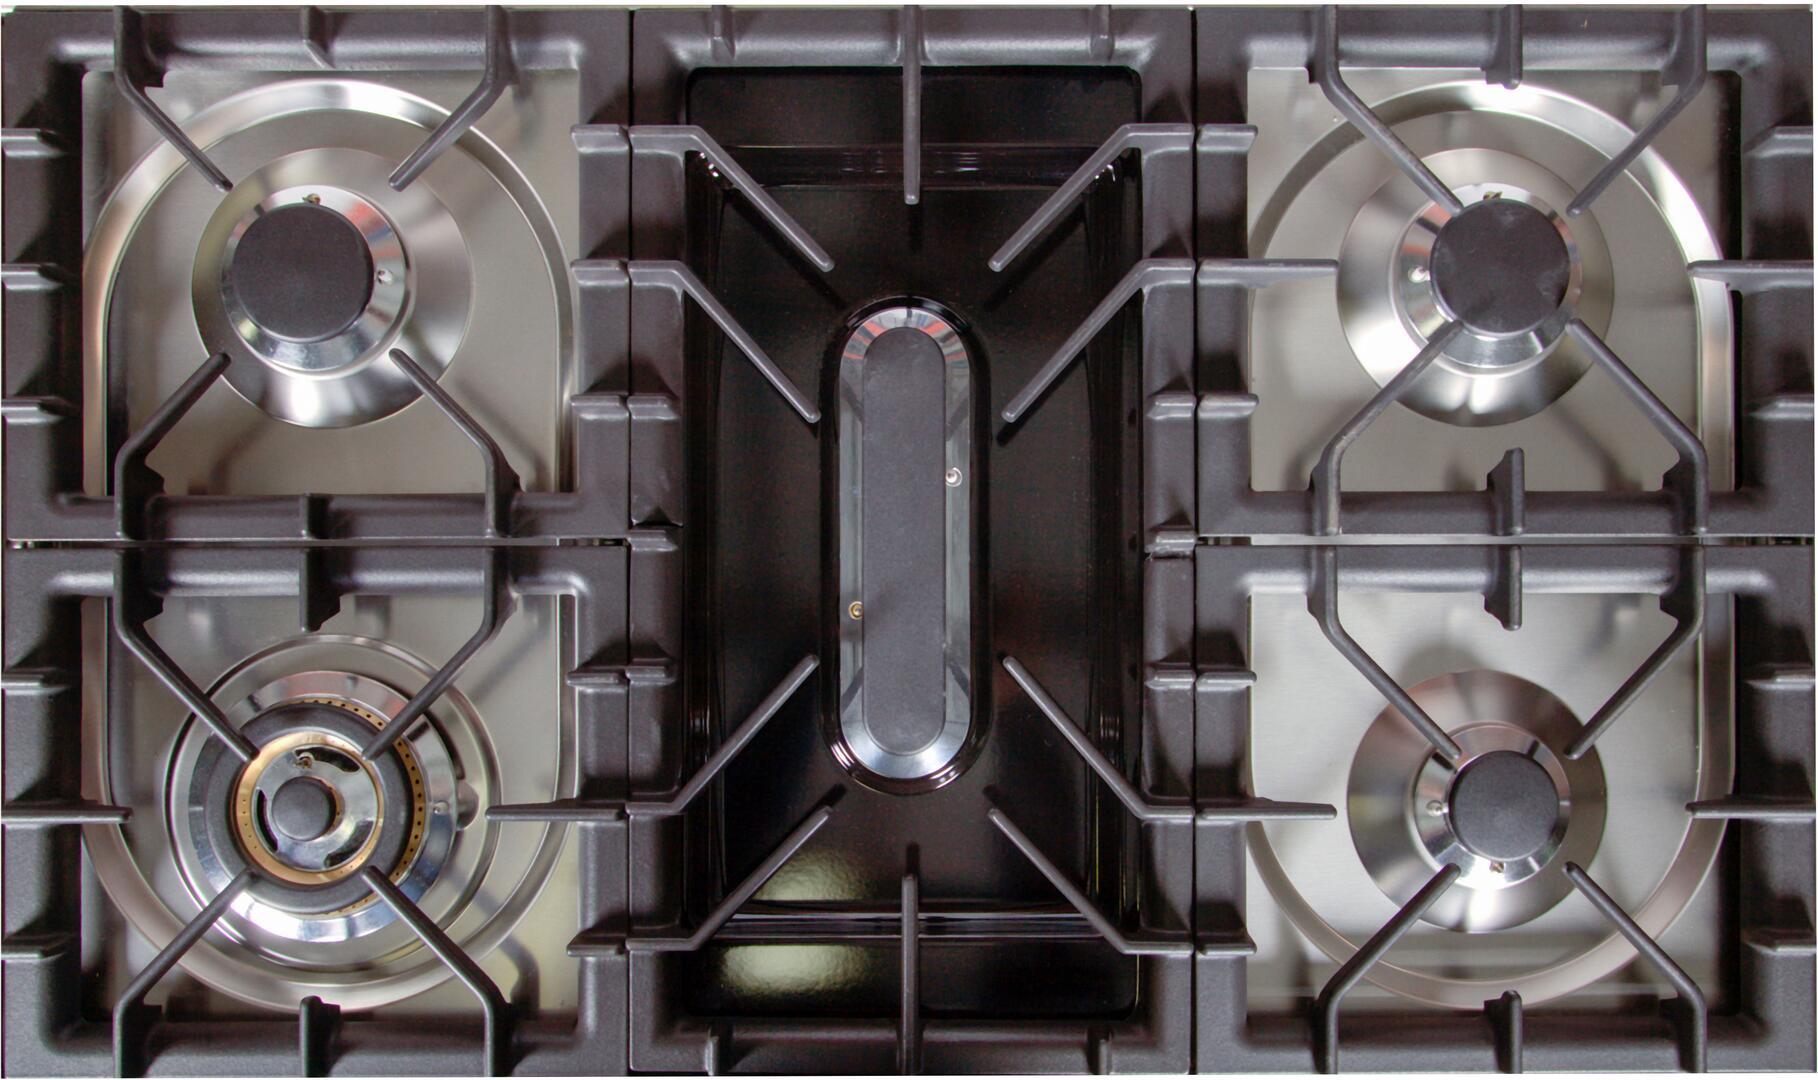 Ilve Nostalgie UPN90FDMPBL Freestanding Dual Fuel Range Blue, Cooktop with Griddle Removed